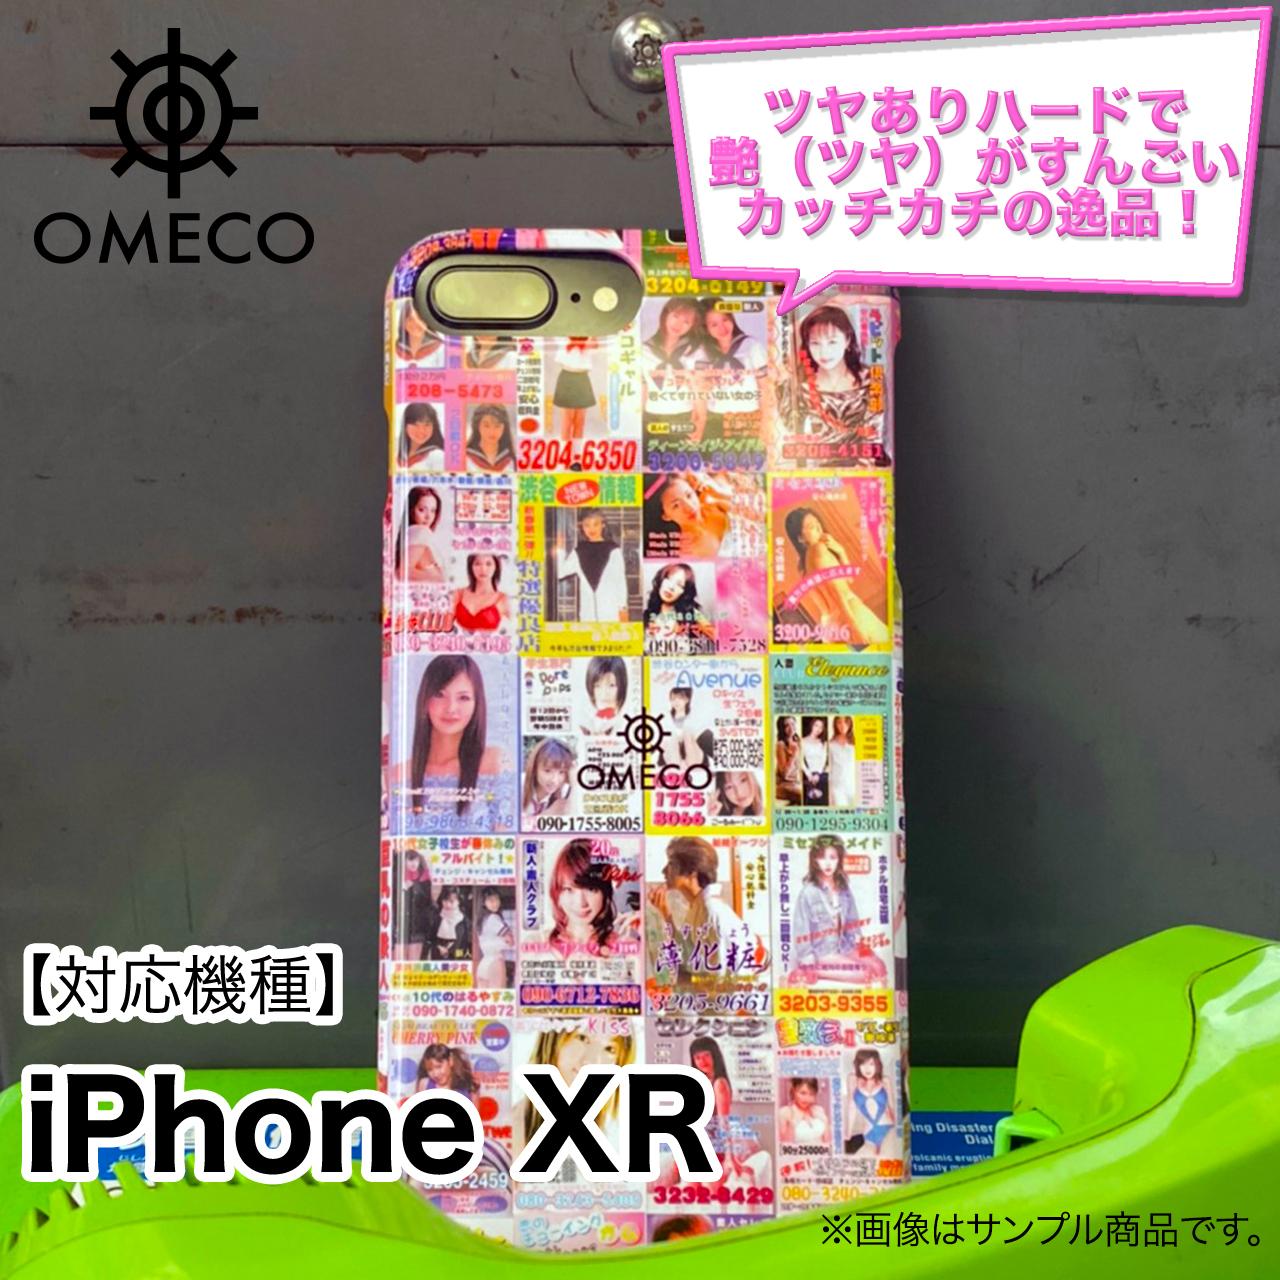 OMECO ピンクチラシ iPhone ケース アイフォン XR 対応(ツヤ有りハードタイプ)※納期は約1〜2週間程度になります。